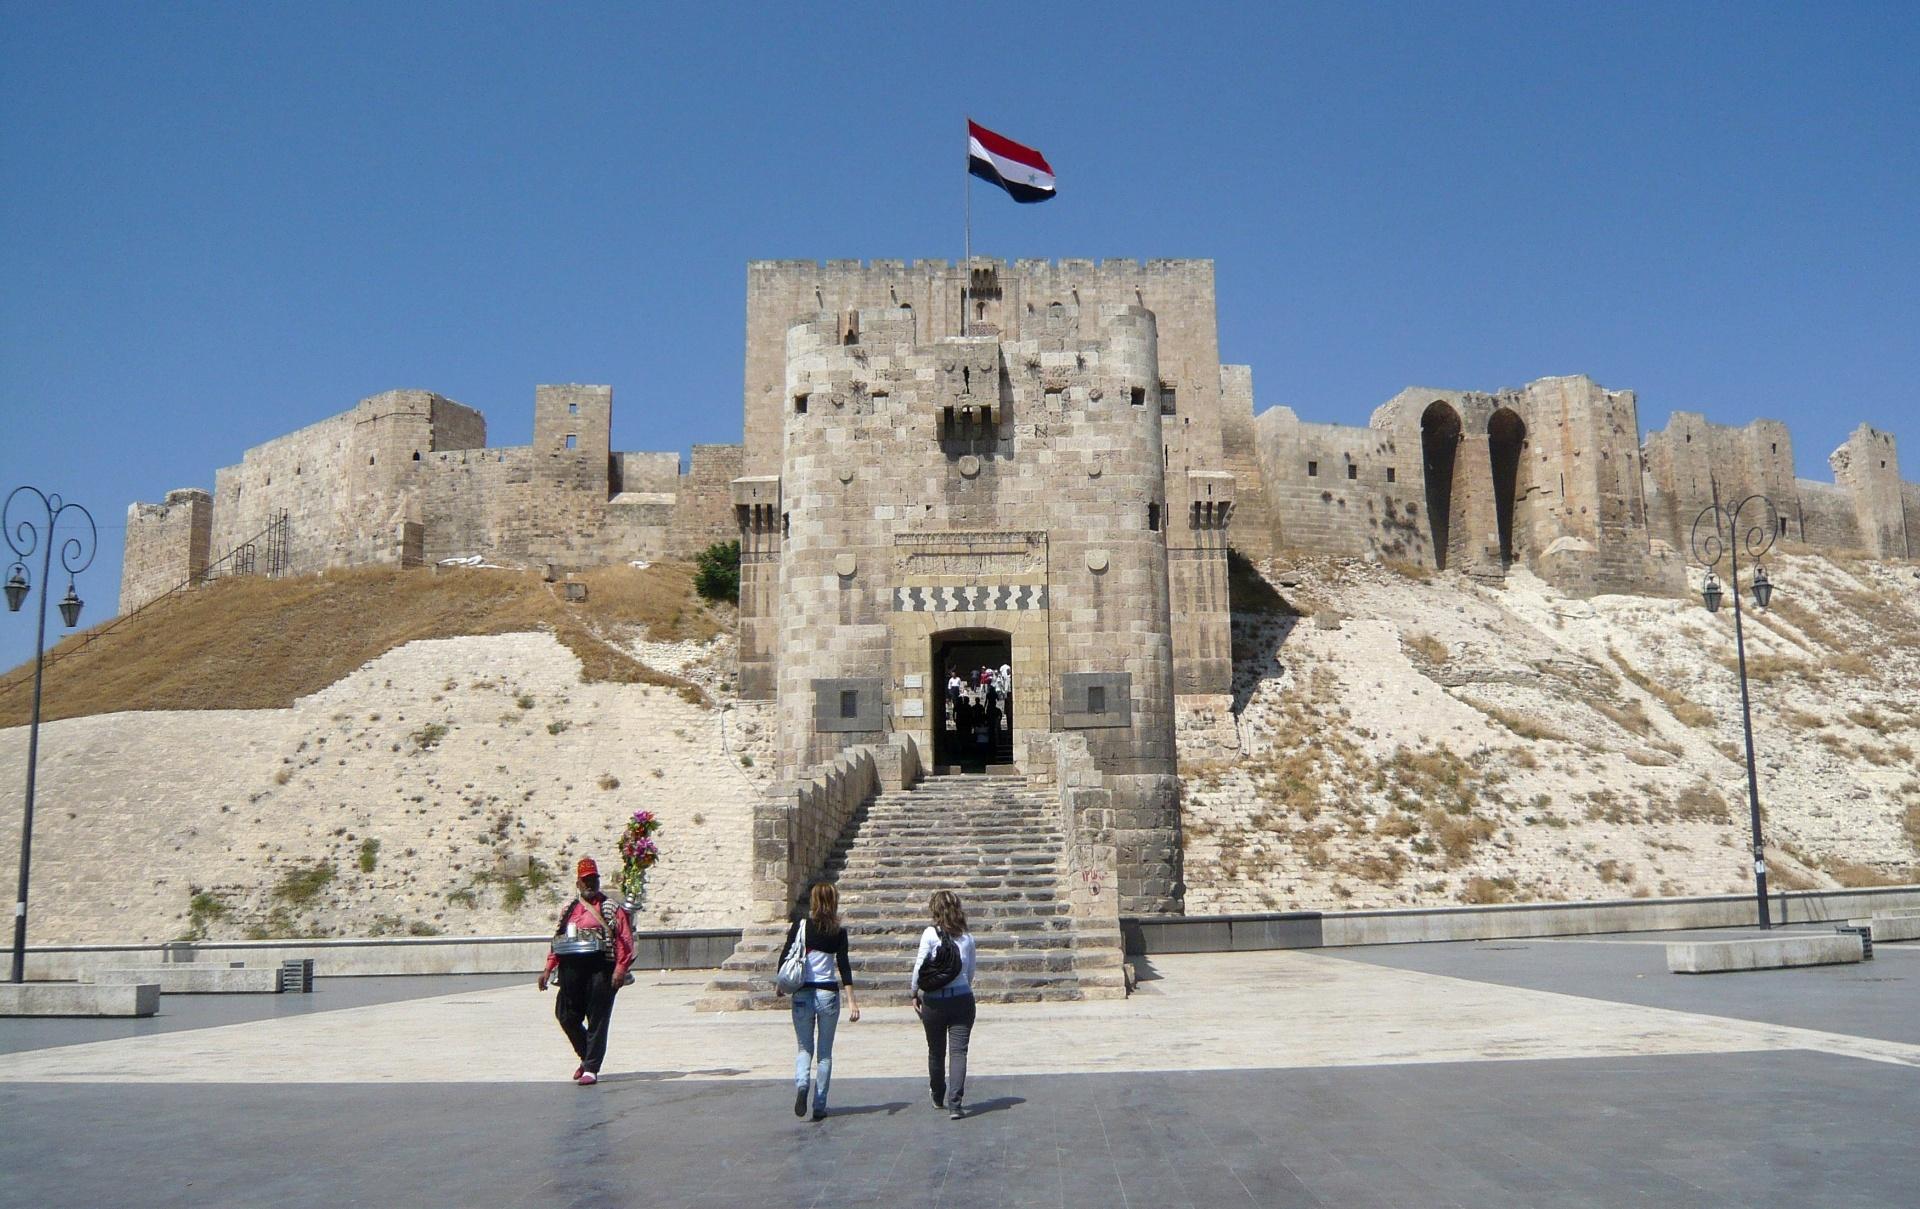 22.dez.2016 - Turistas passeiam pelo centro histórico de Aleppo, na Síria. A imagem foi feita em agosto de 2010. Durante os últimos anos, as lindas muralhas de pedra do local serviram como forte para o exército sírio lutar contra os rebeldes que ocupavam grande parte da Cidade Velha